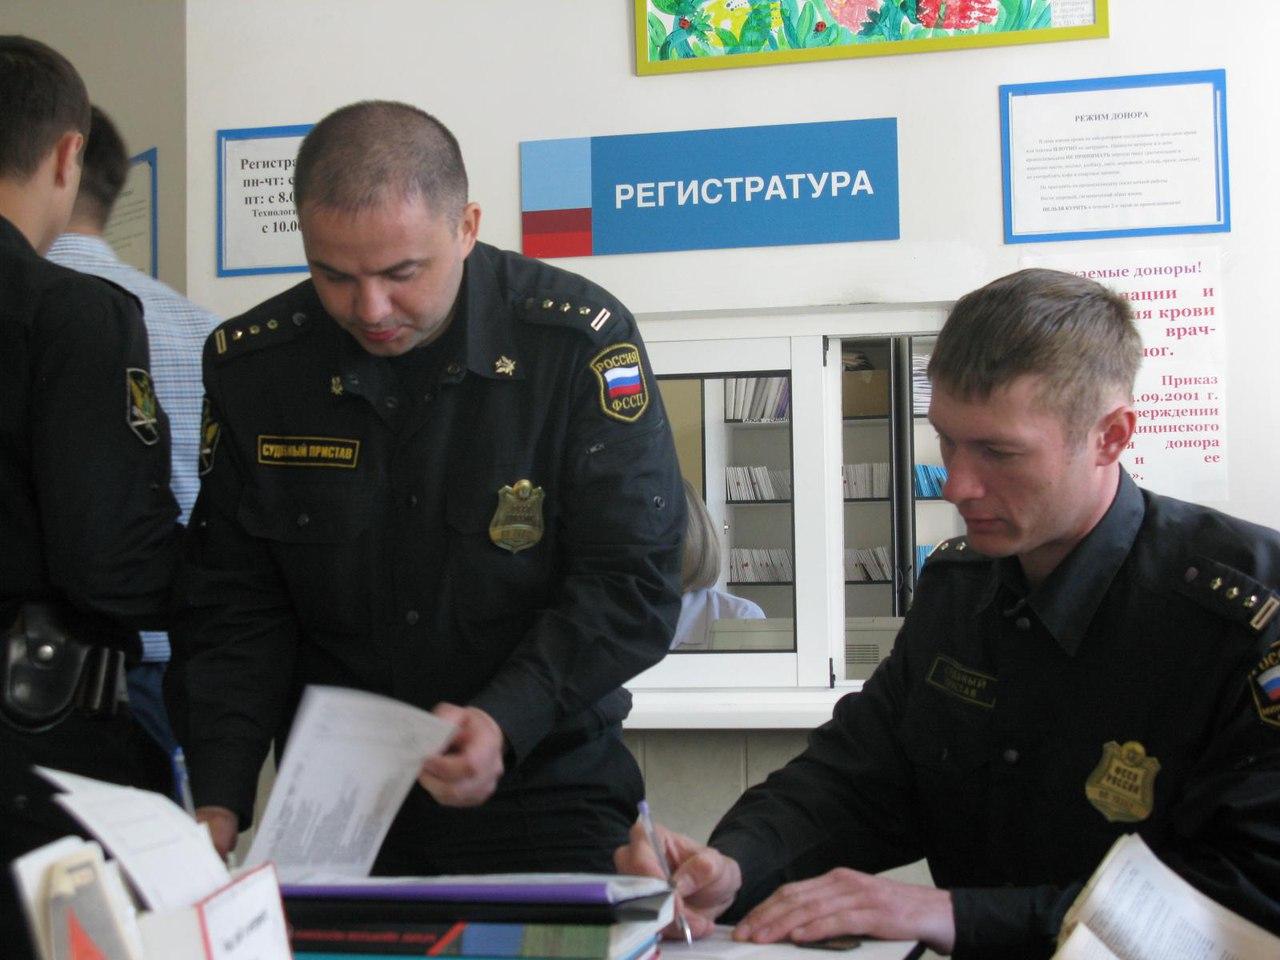 Общая сумма взысканий судебных приставов Удмуртии в 2016 году составила более 5 миллиардов рублей  Это абсолют�...